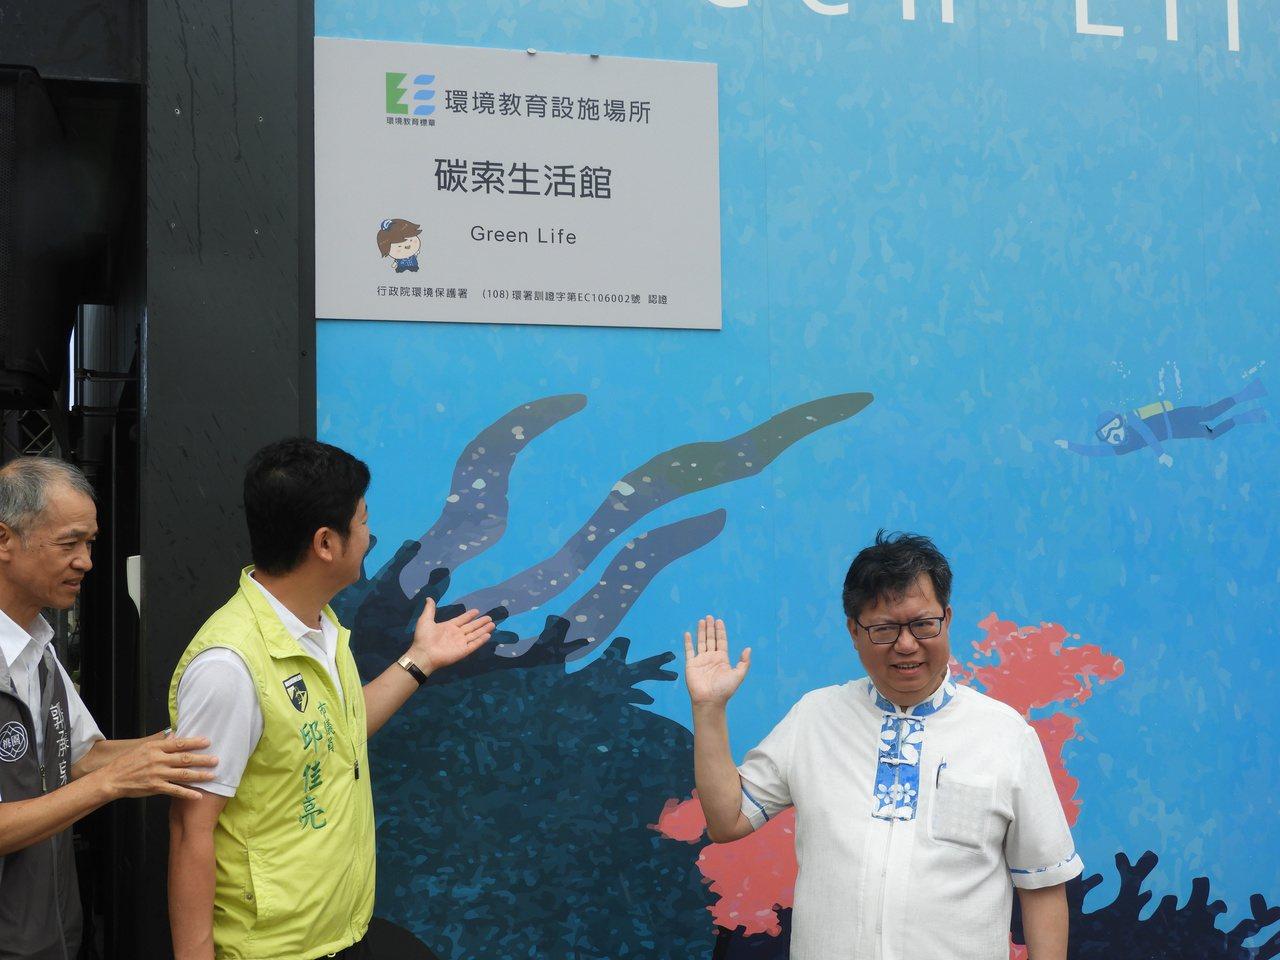 鄭文燦表示,「碳索生活館」為桃園市第15處環境教育場所,將成為園內環境教育的示範...